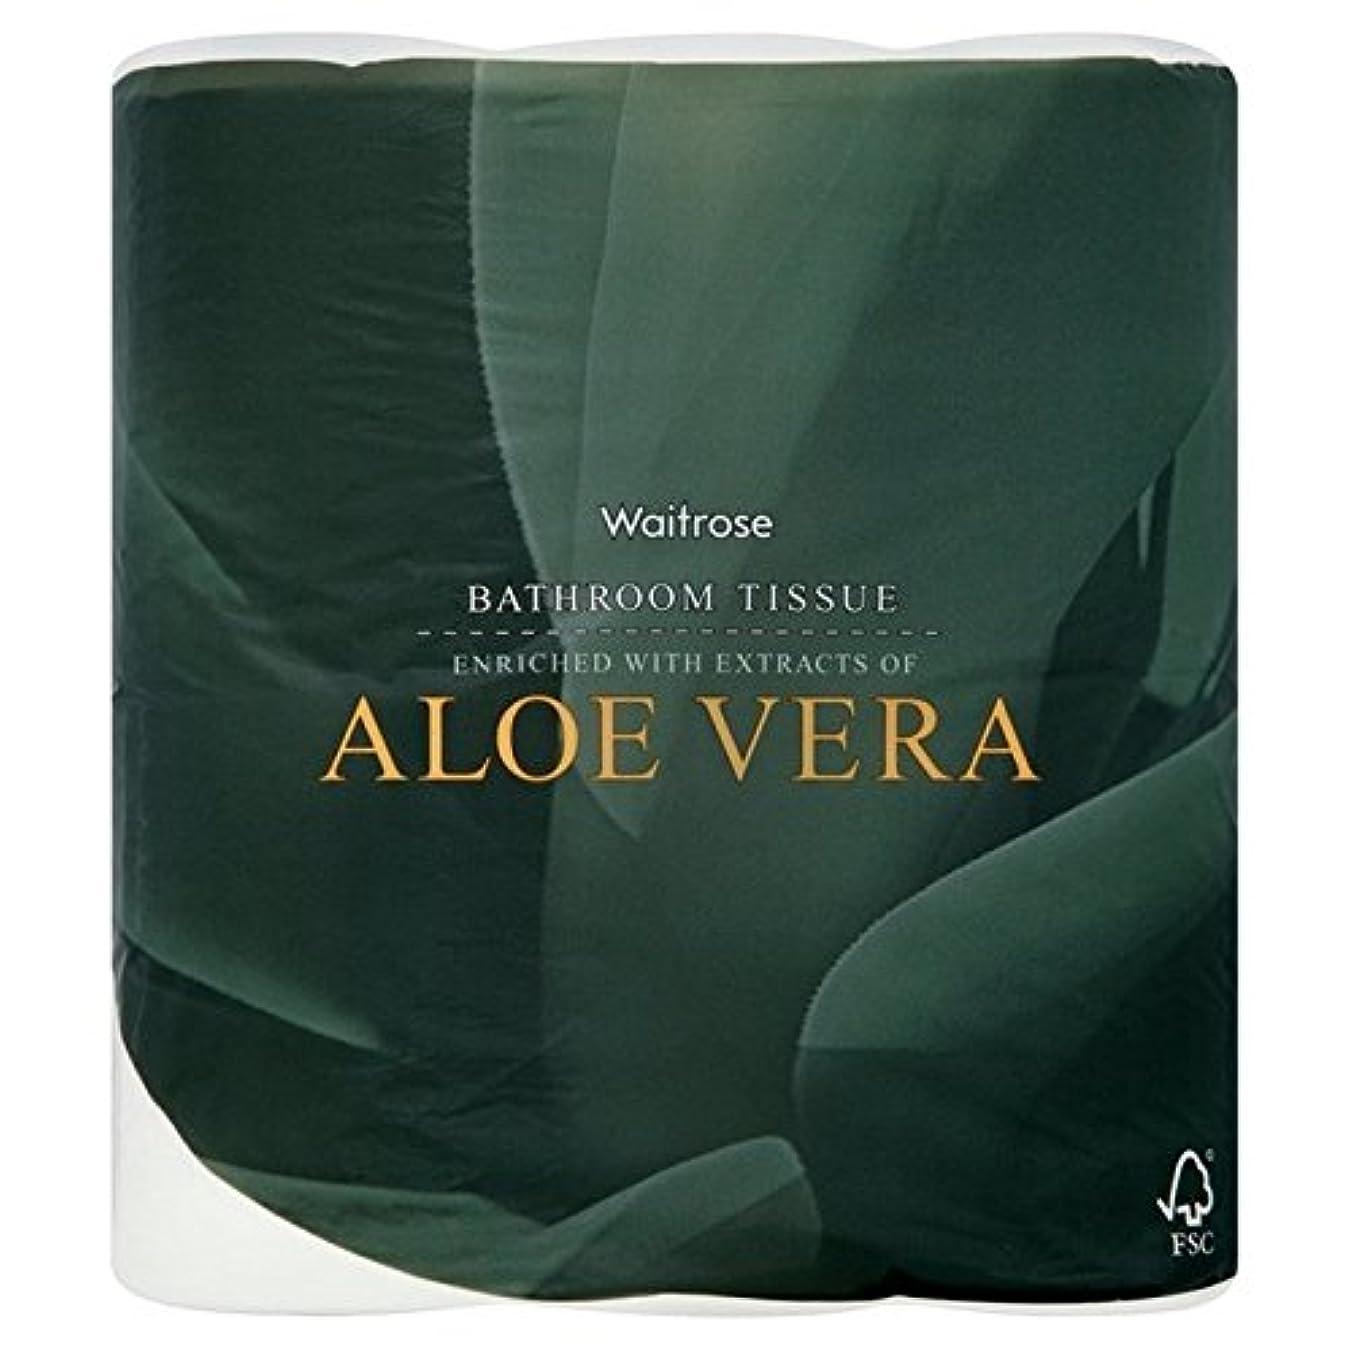 コード時計七時半Aloe Vera Bathroom Tissue White Waitrose 4 per pack (Pack of 6) - パックあたりアロエベラ浴室組織白ウェイトローズ4 x6 [並行輸入品]